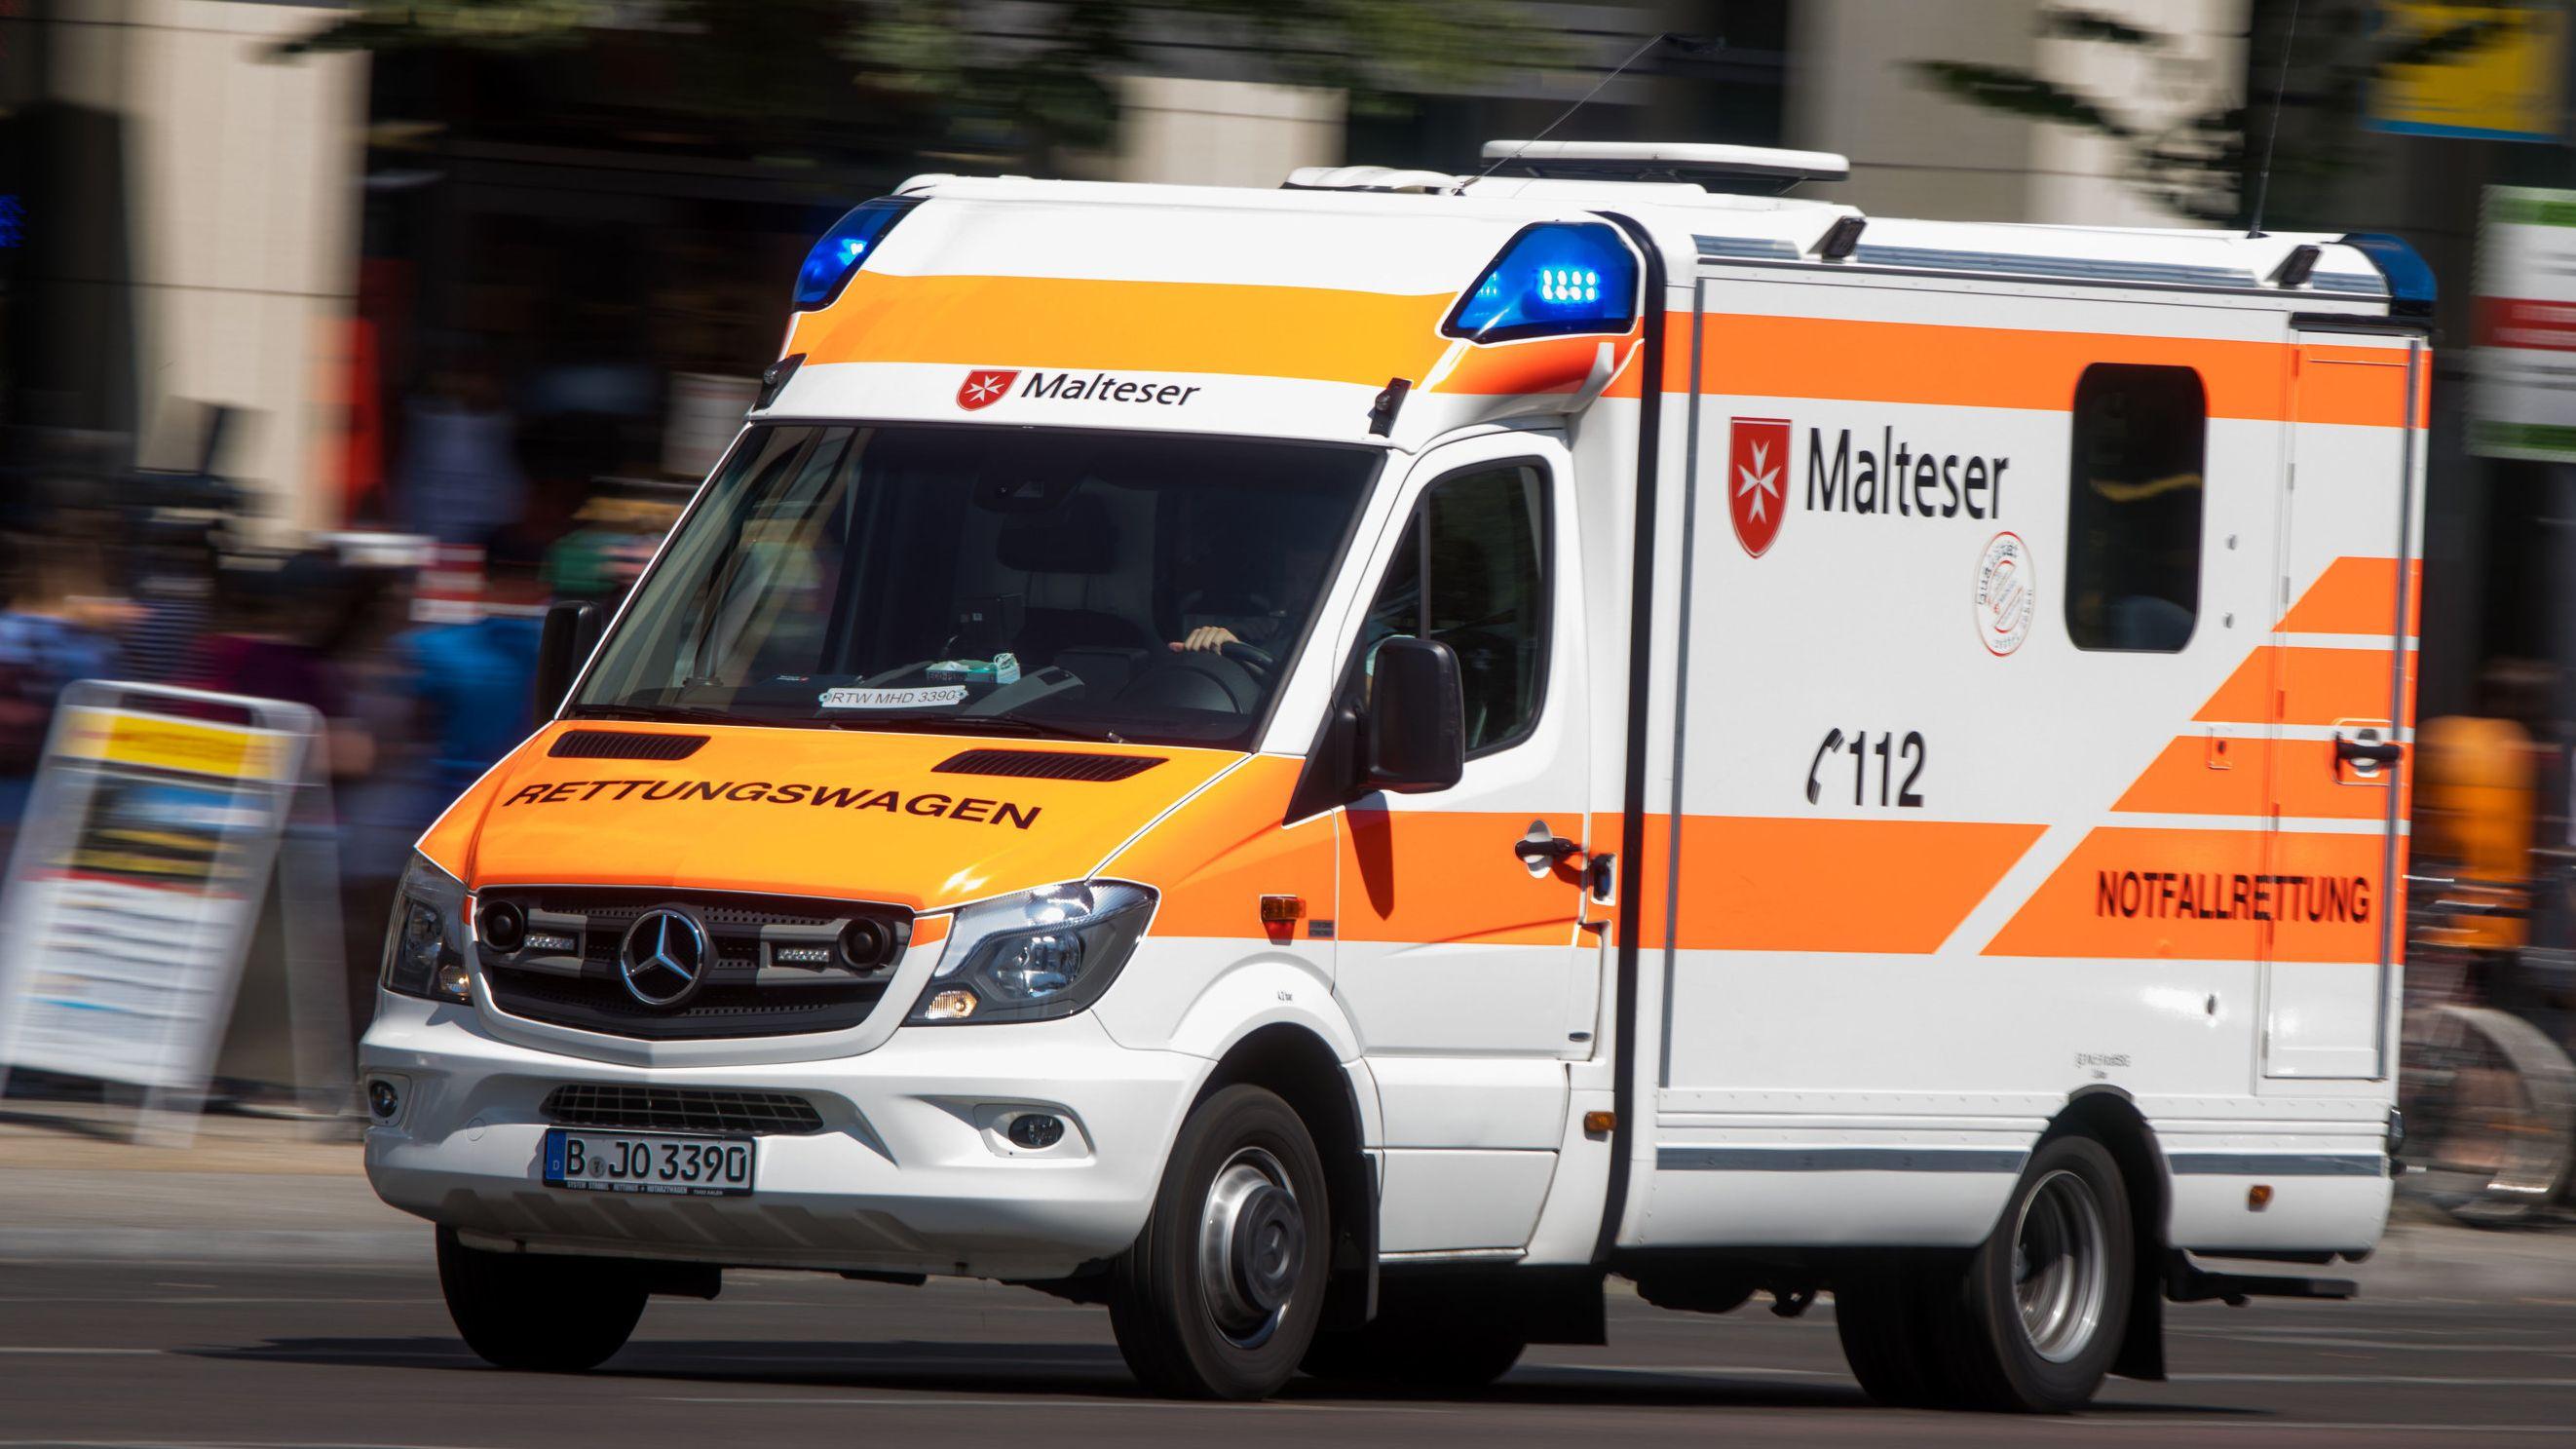 Ein Rettungswagen der Malteser in Fahrt